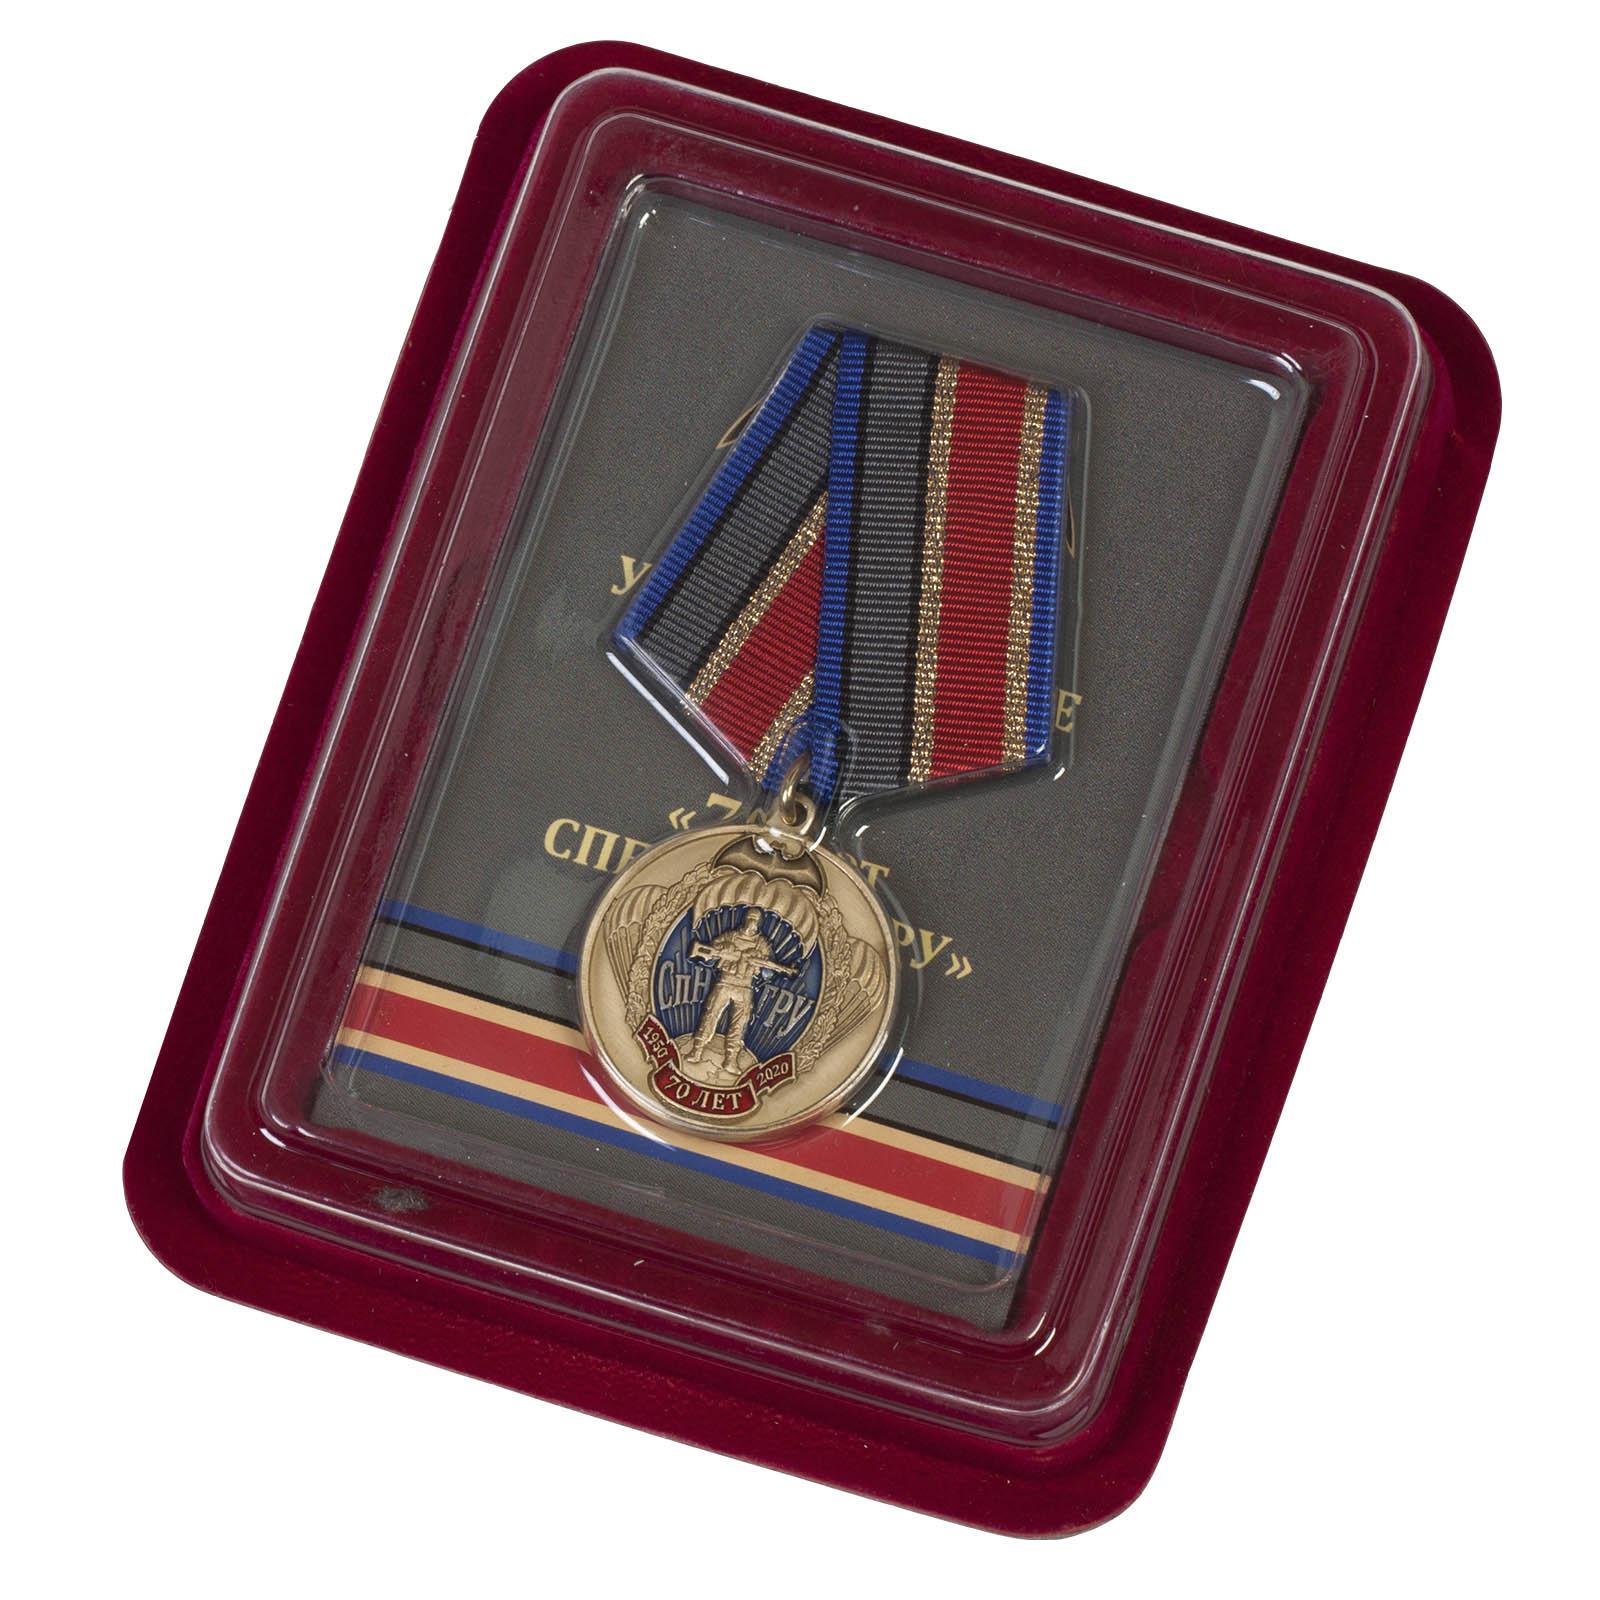 Юбилейная медаль 70 лет СпН ГРУ в наградном футляре